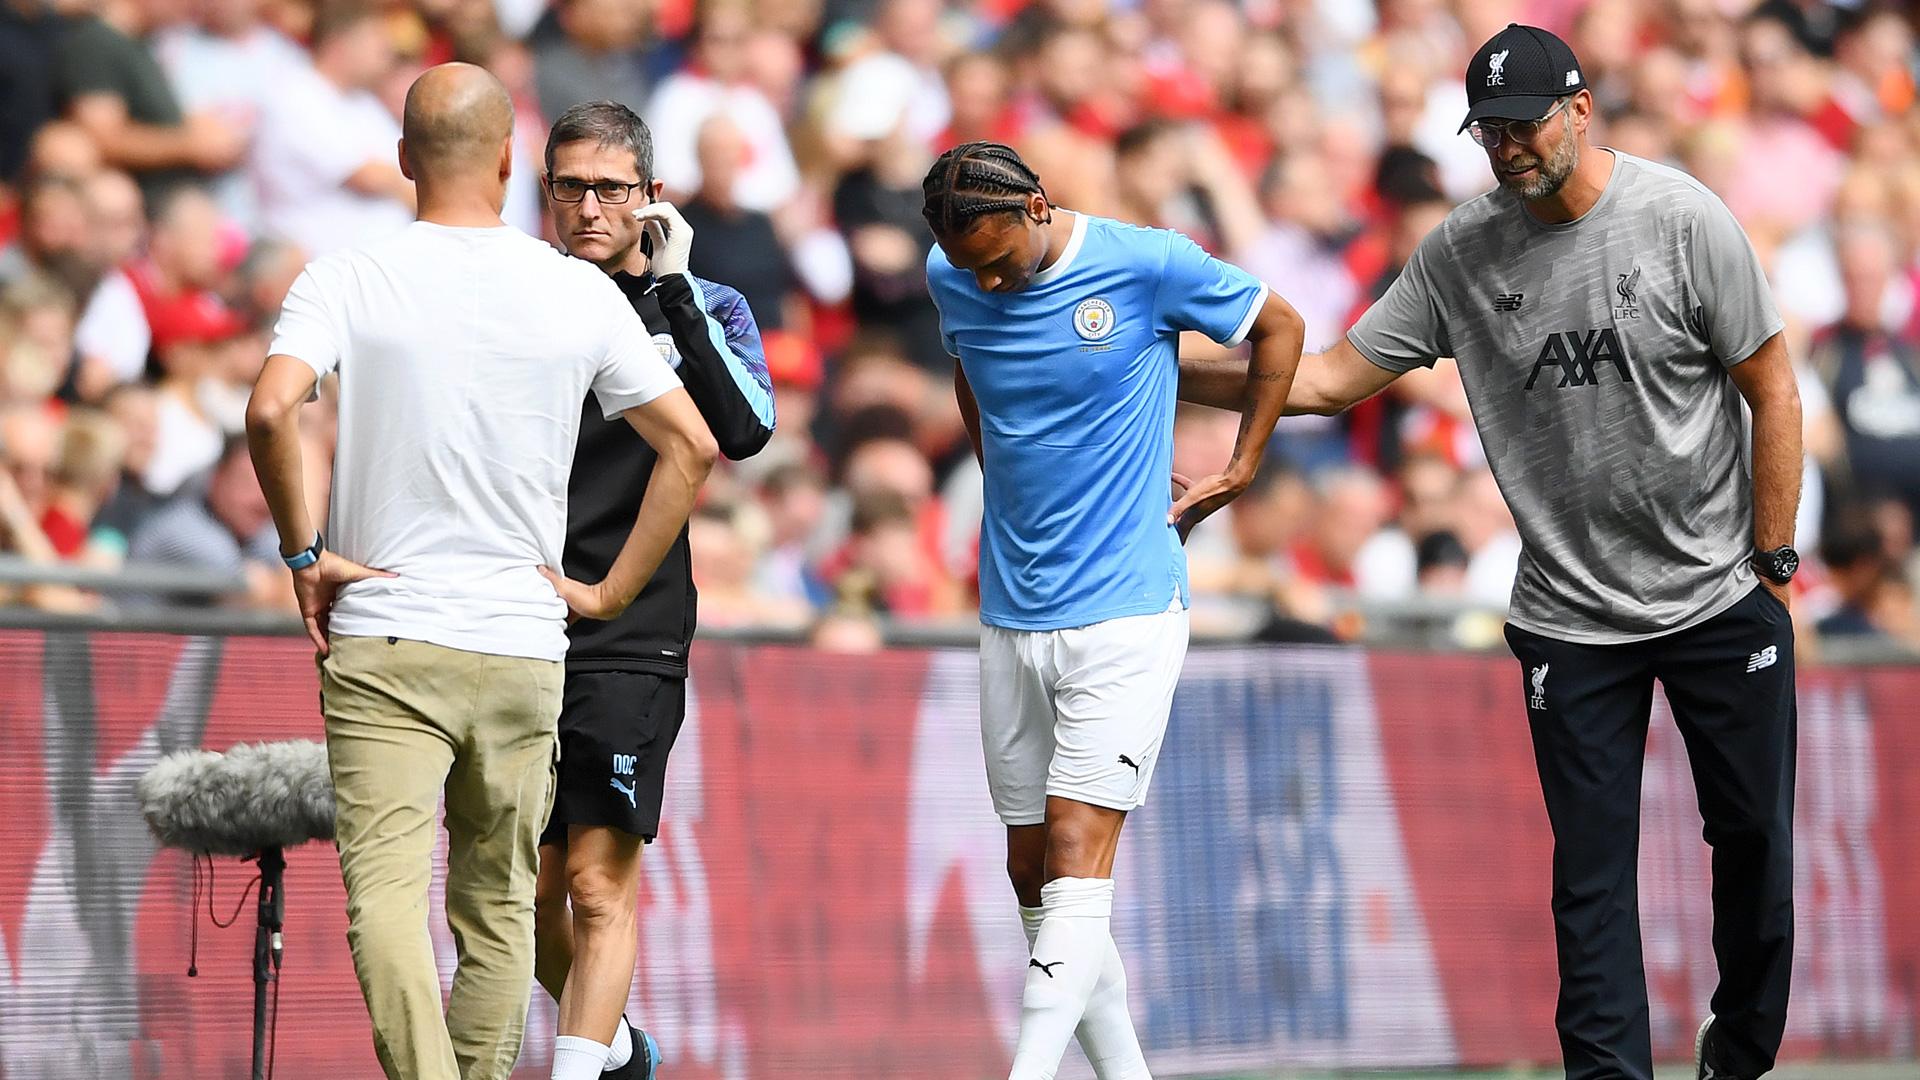 Manchester City: infortunio per Leroy Sané, si è rotto il legamento crociato